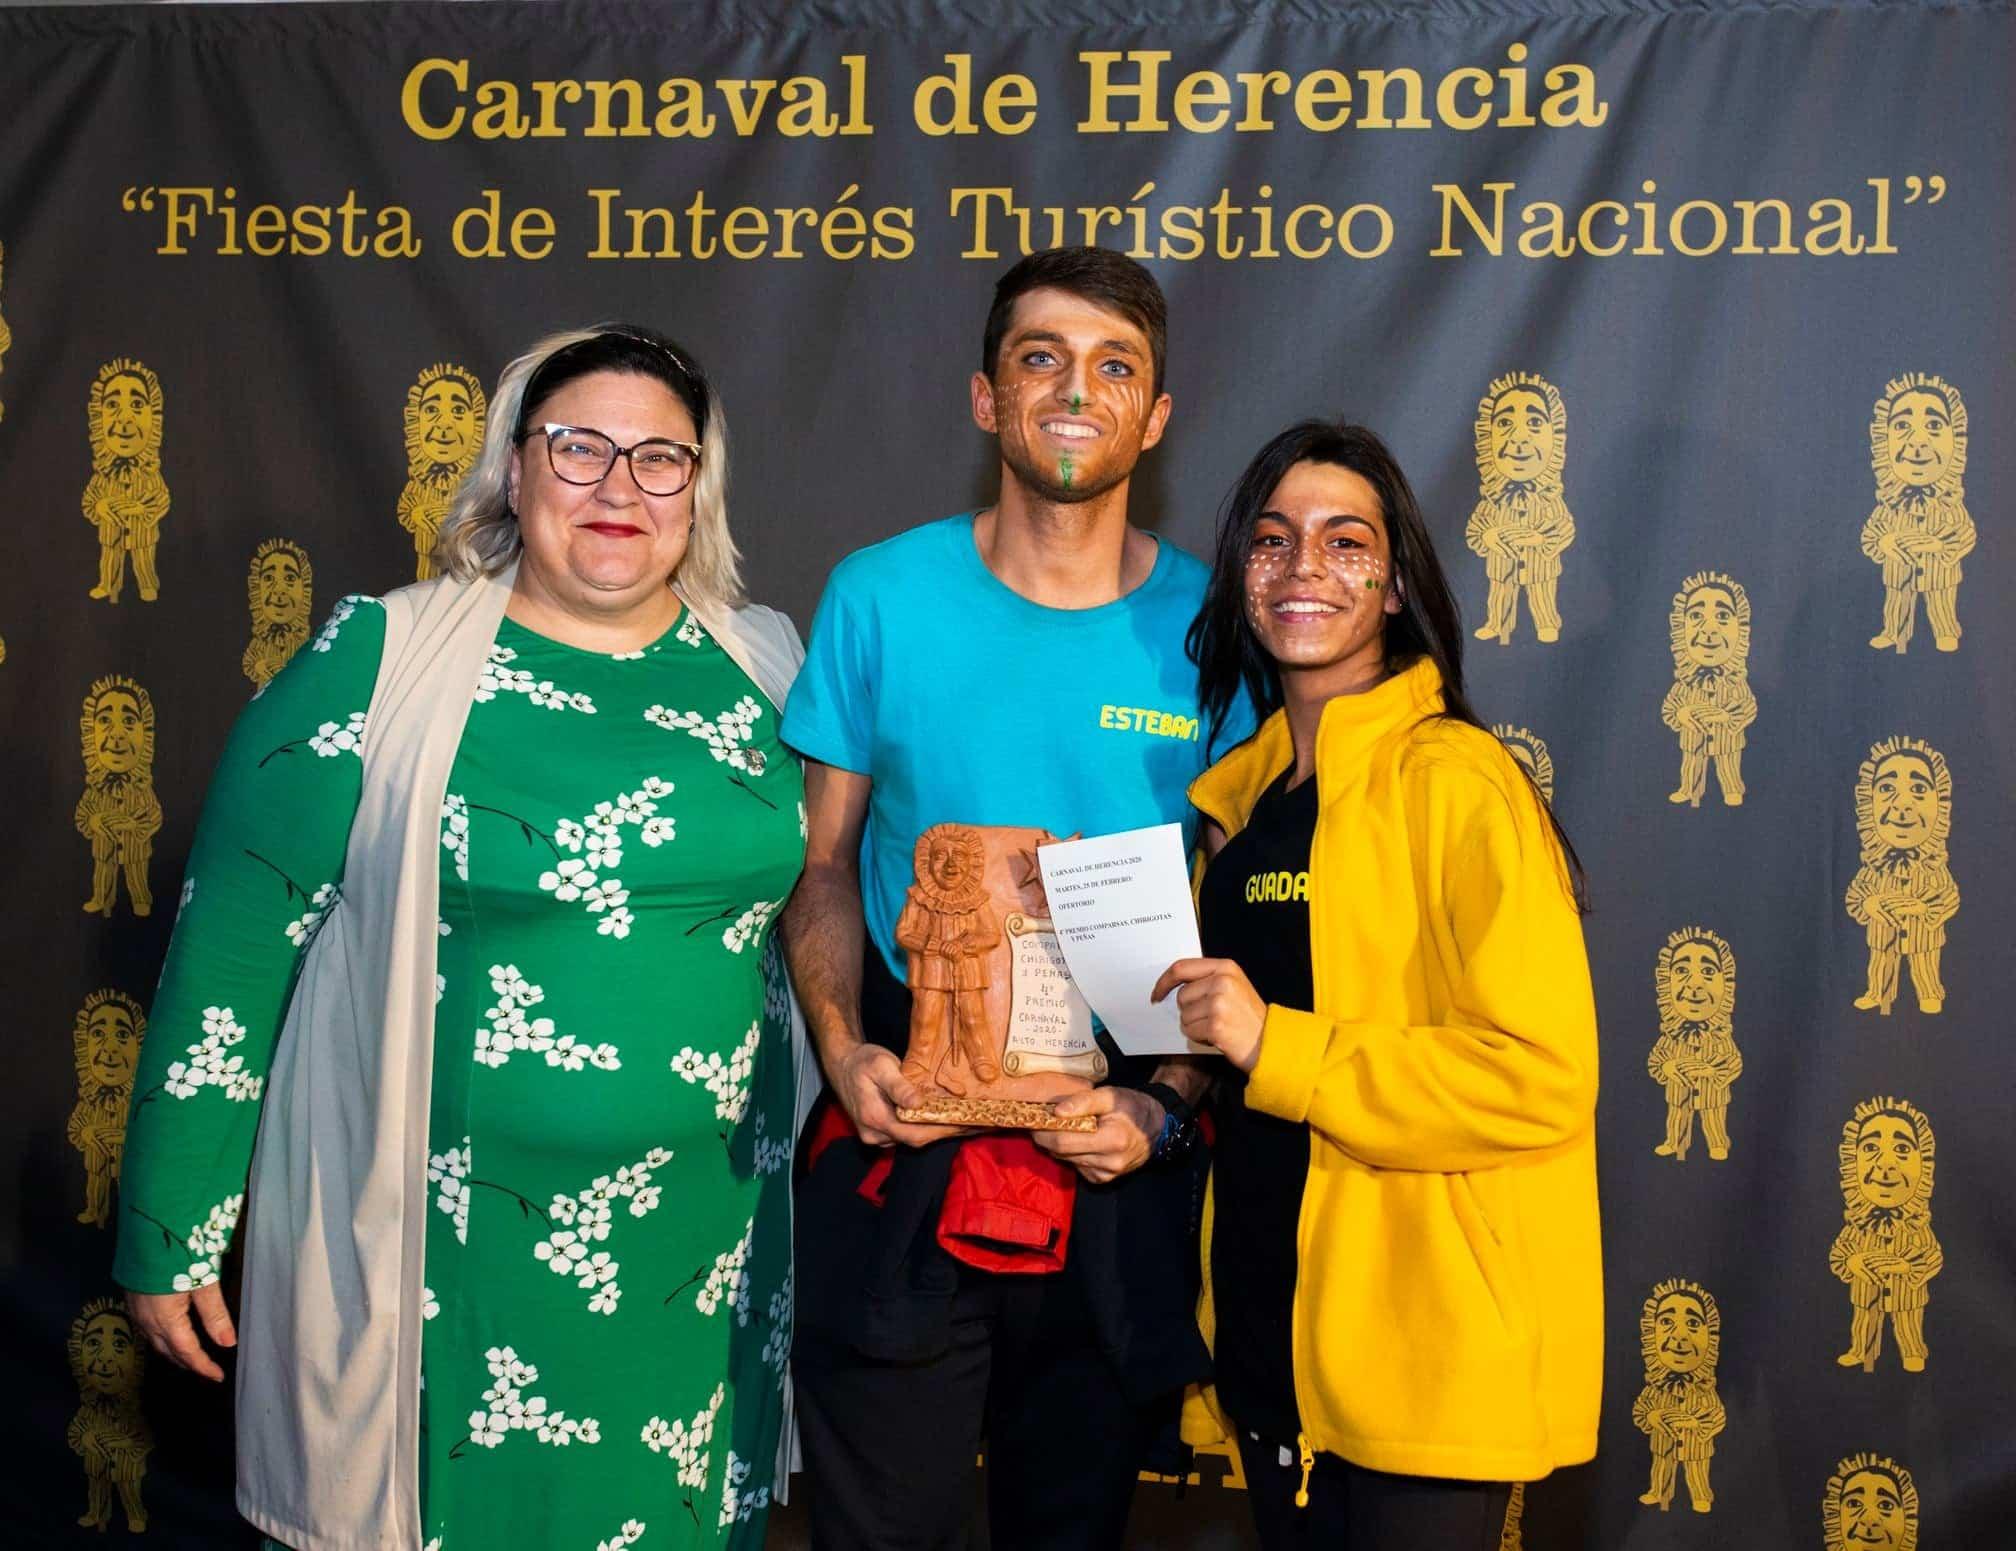 Selección de fotografías del Ofertorio del Carnaval de Herencia 436